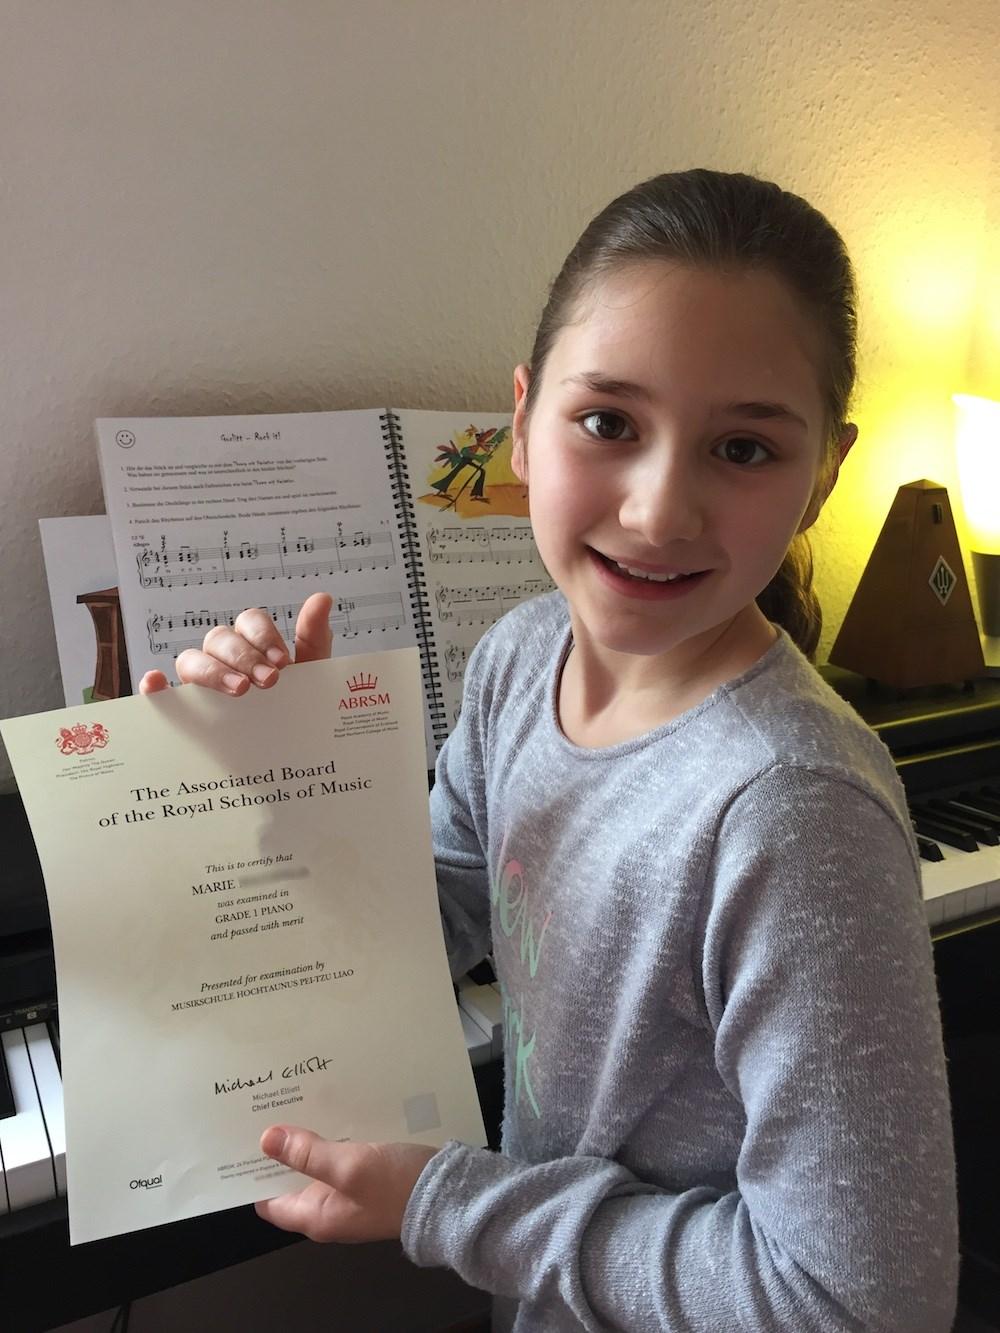 Klavierschülerin Marie (9 Jahre) – ABRSM-Prüfung mit Auszeichnung bestanden